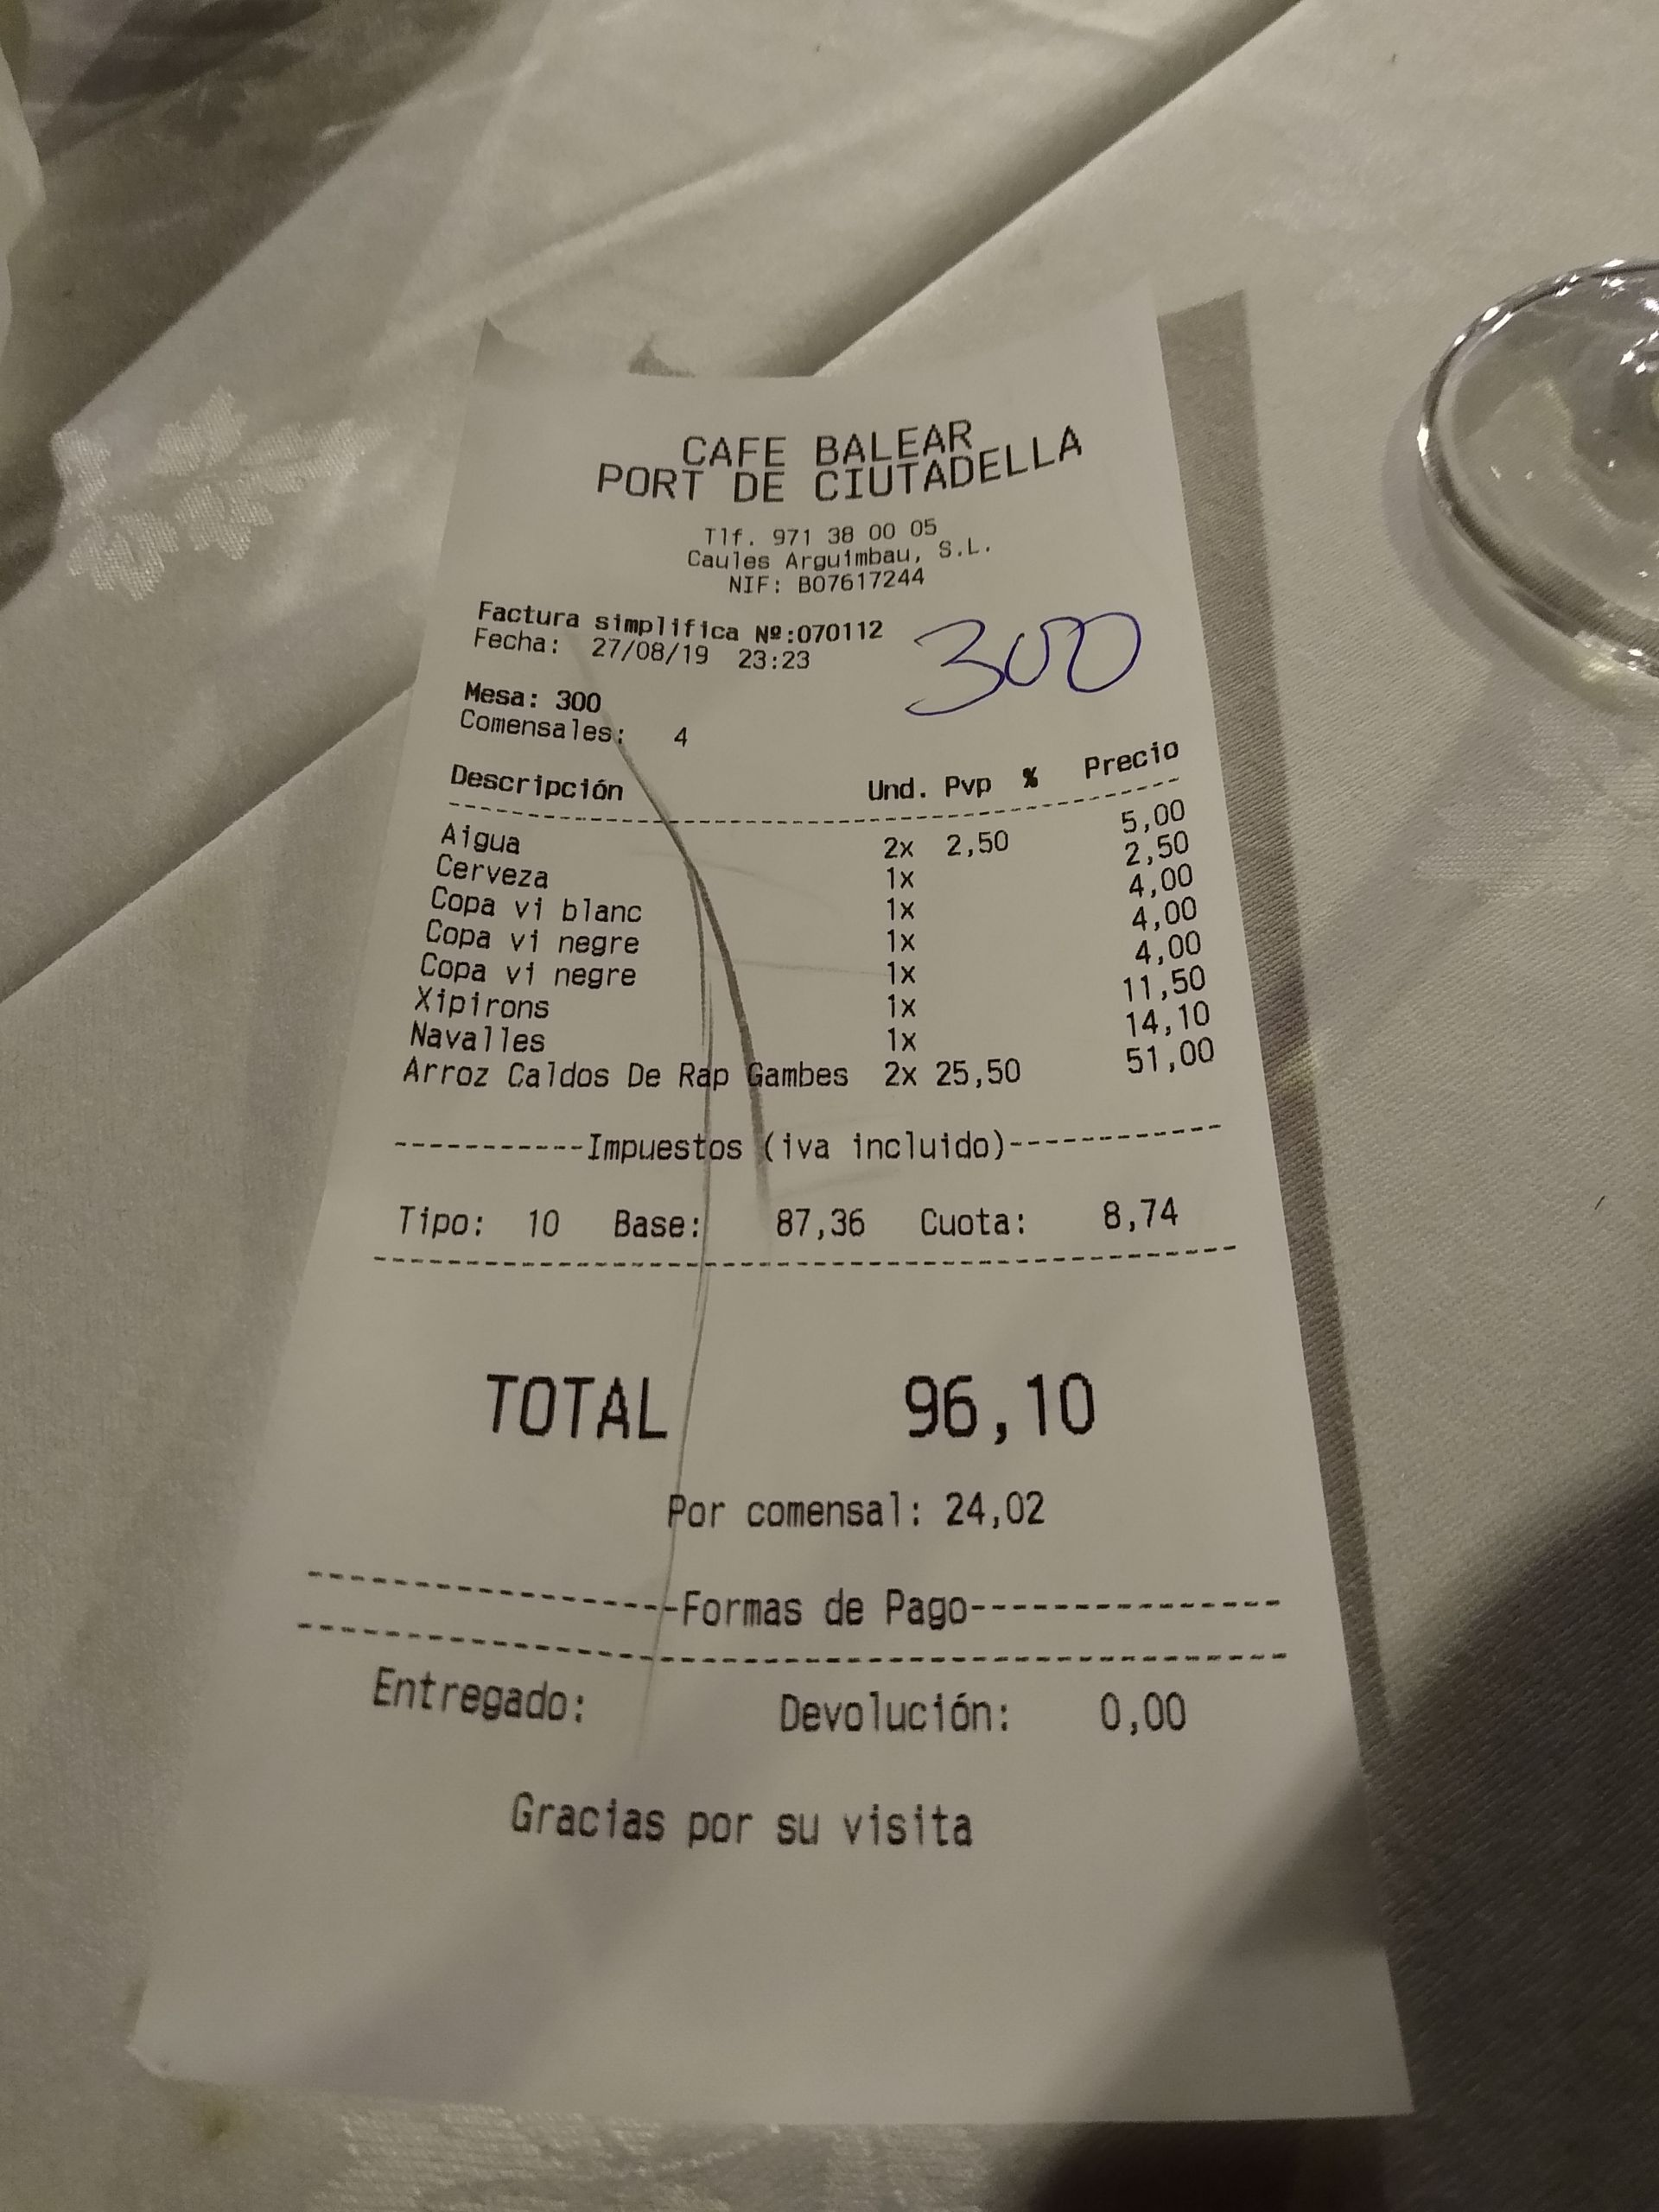 Ticket Cafe Balear - Ciutadella